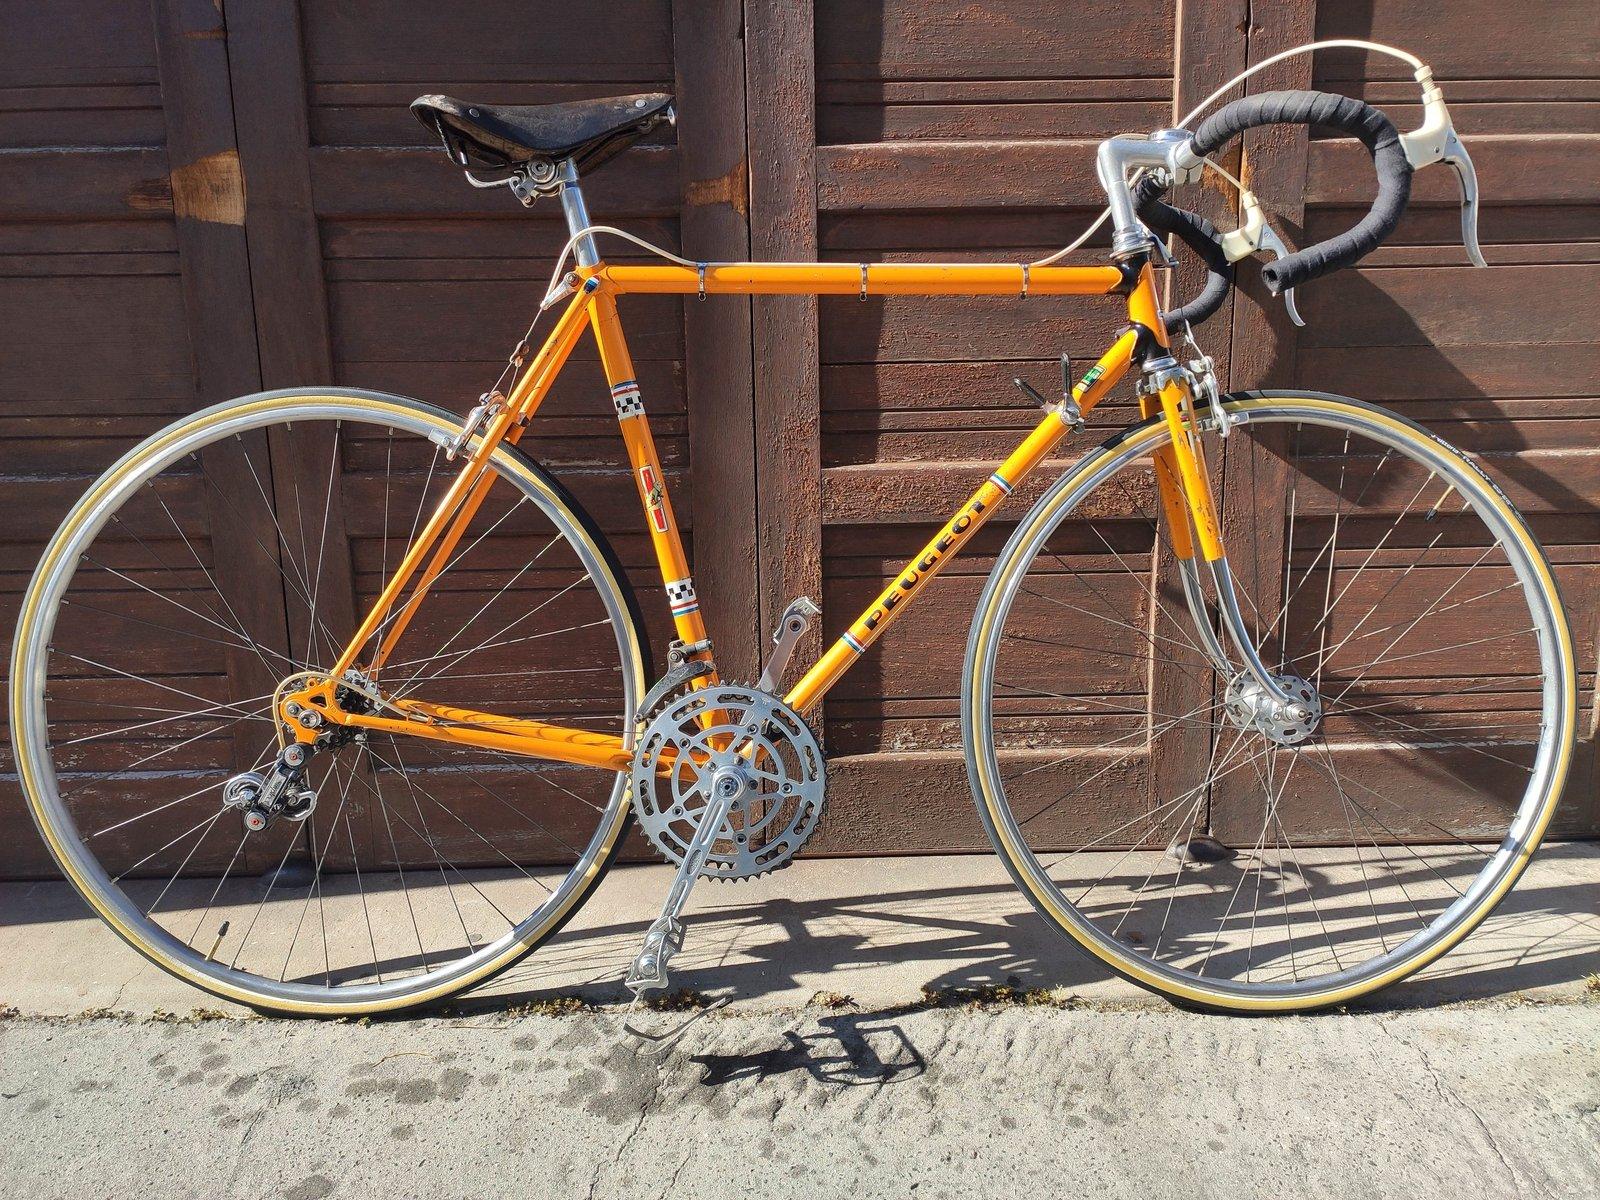 Besoin d'aide pour identification vélo course Peugeot. - Page 2 210325024256446896